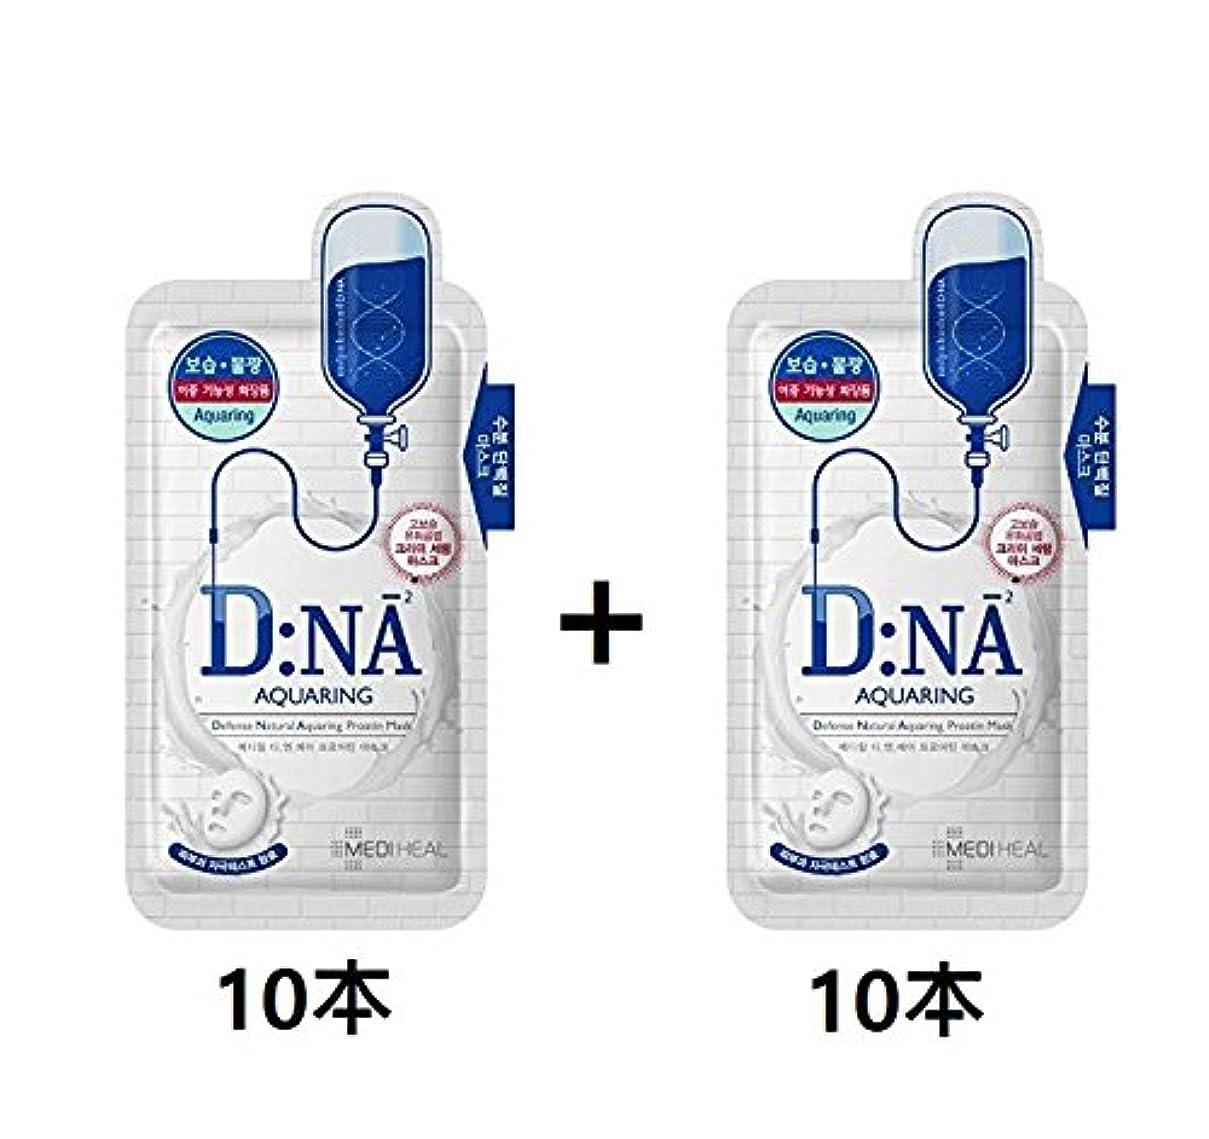 [10+10] Mediheal DNA プロアチン マスクパック (アクアリング) 25g x (10枚+10枚) [ Mediheal DNA Proatin Face Mask Pack (Aquaring) 25g...